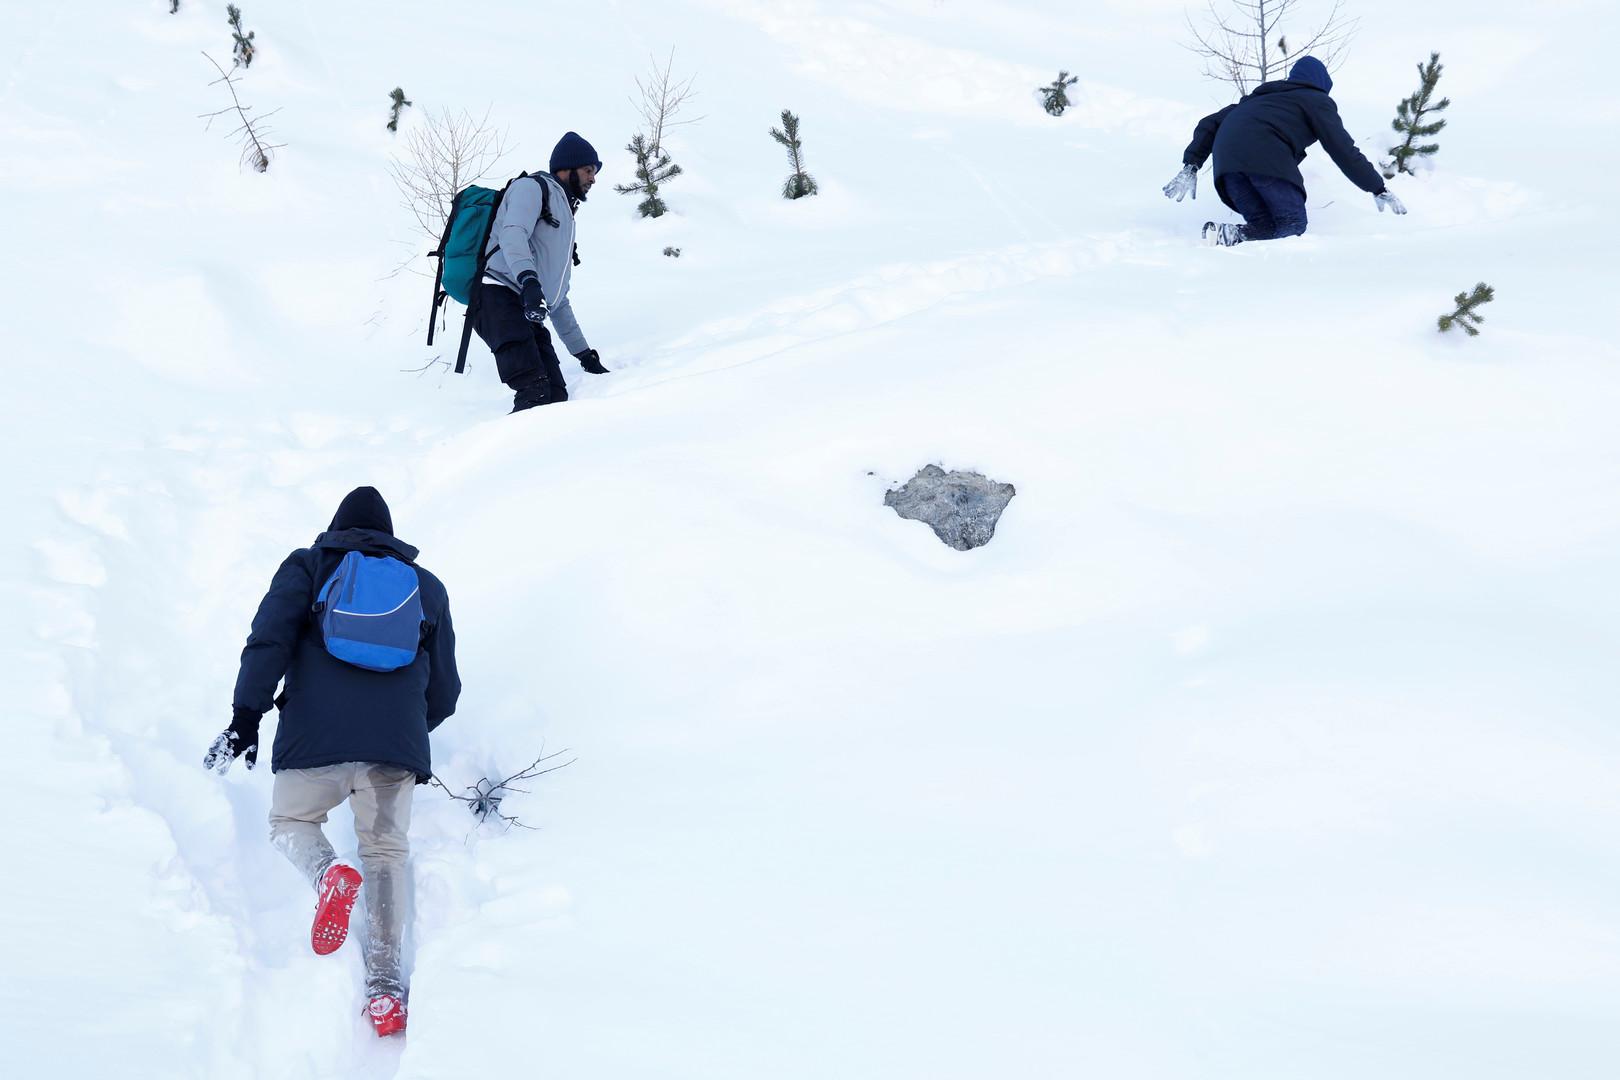 Flüchtlinge kämpfen sich durch den Schnee, nahe der Stadt Bardonecchia, Italien, 21. Dezember 2017.